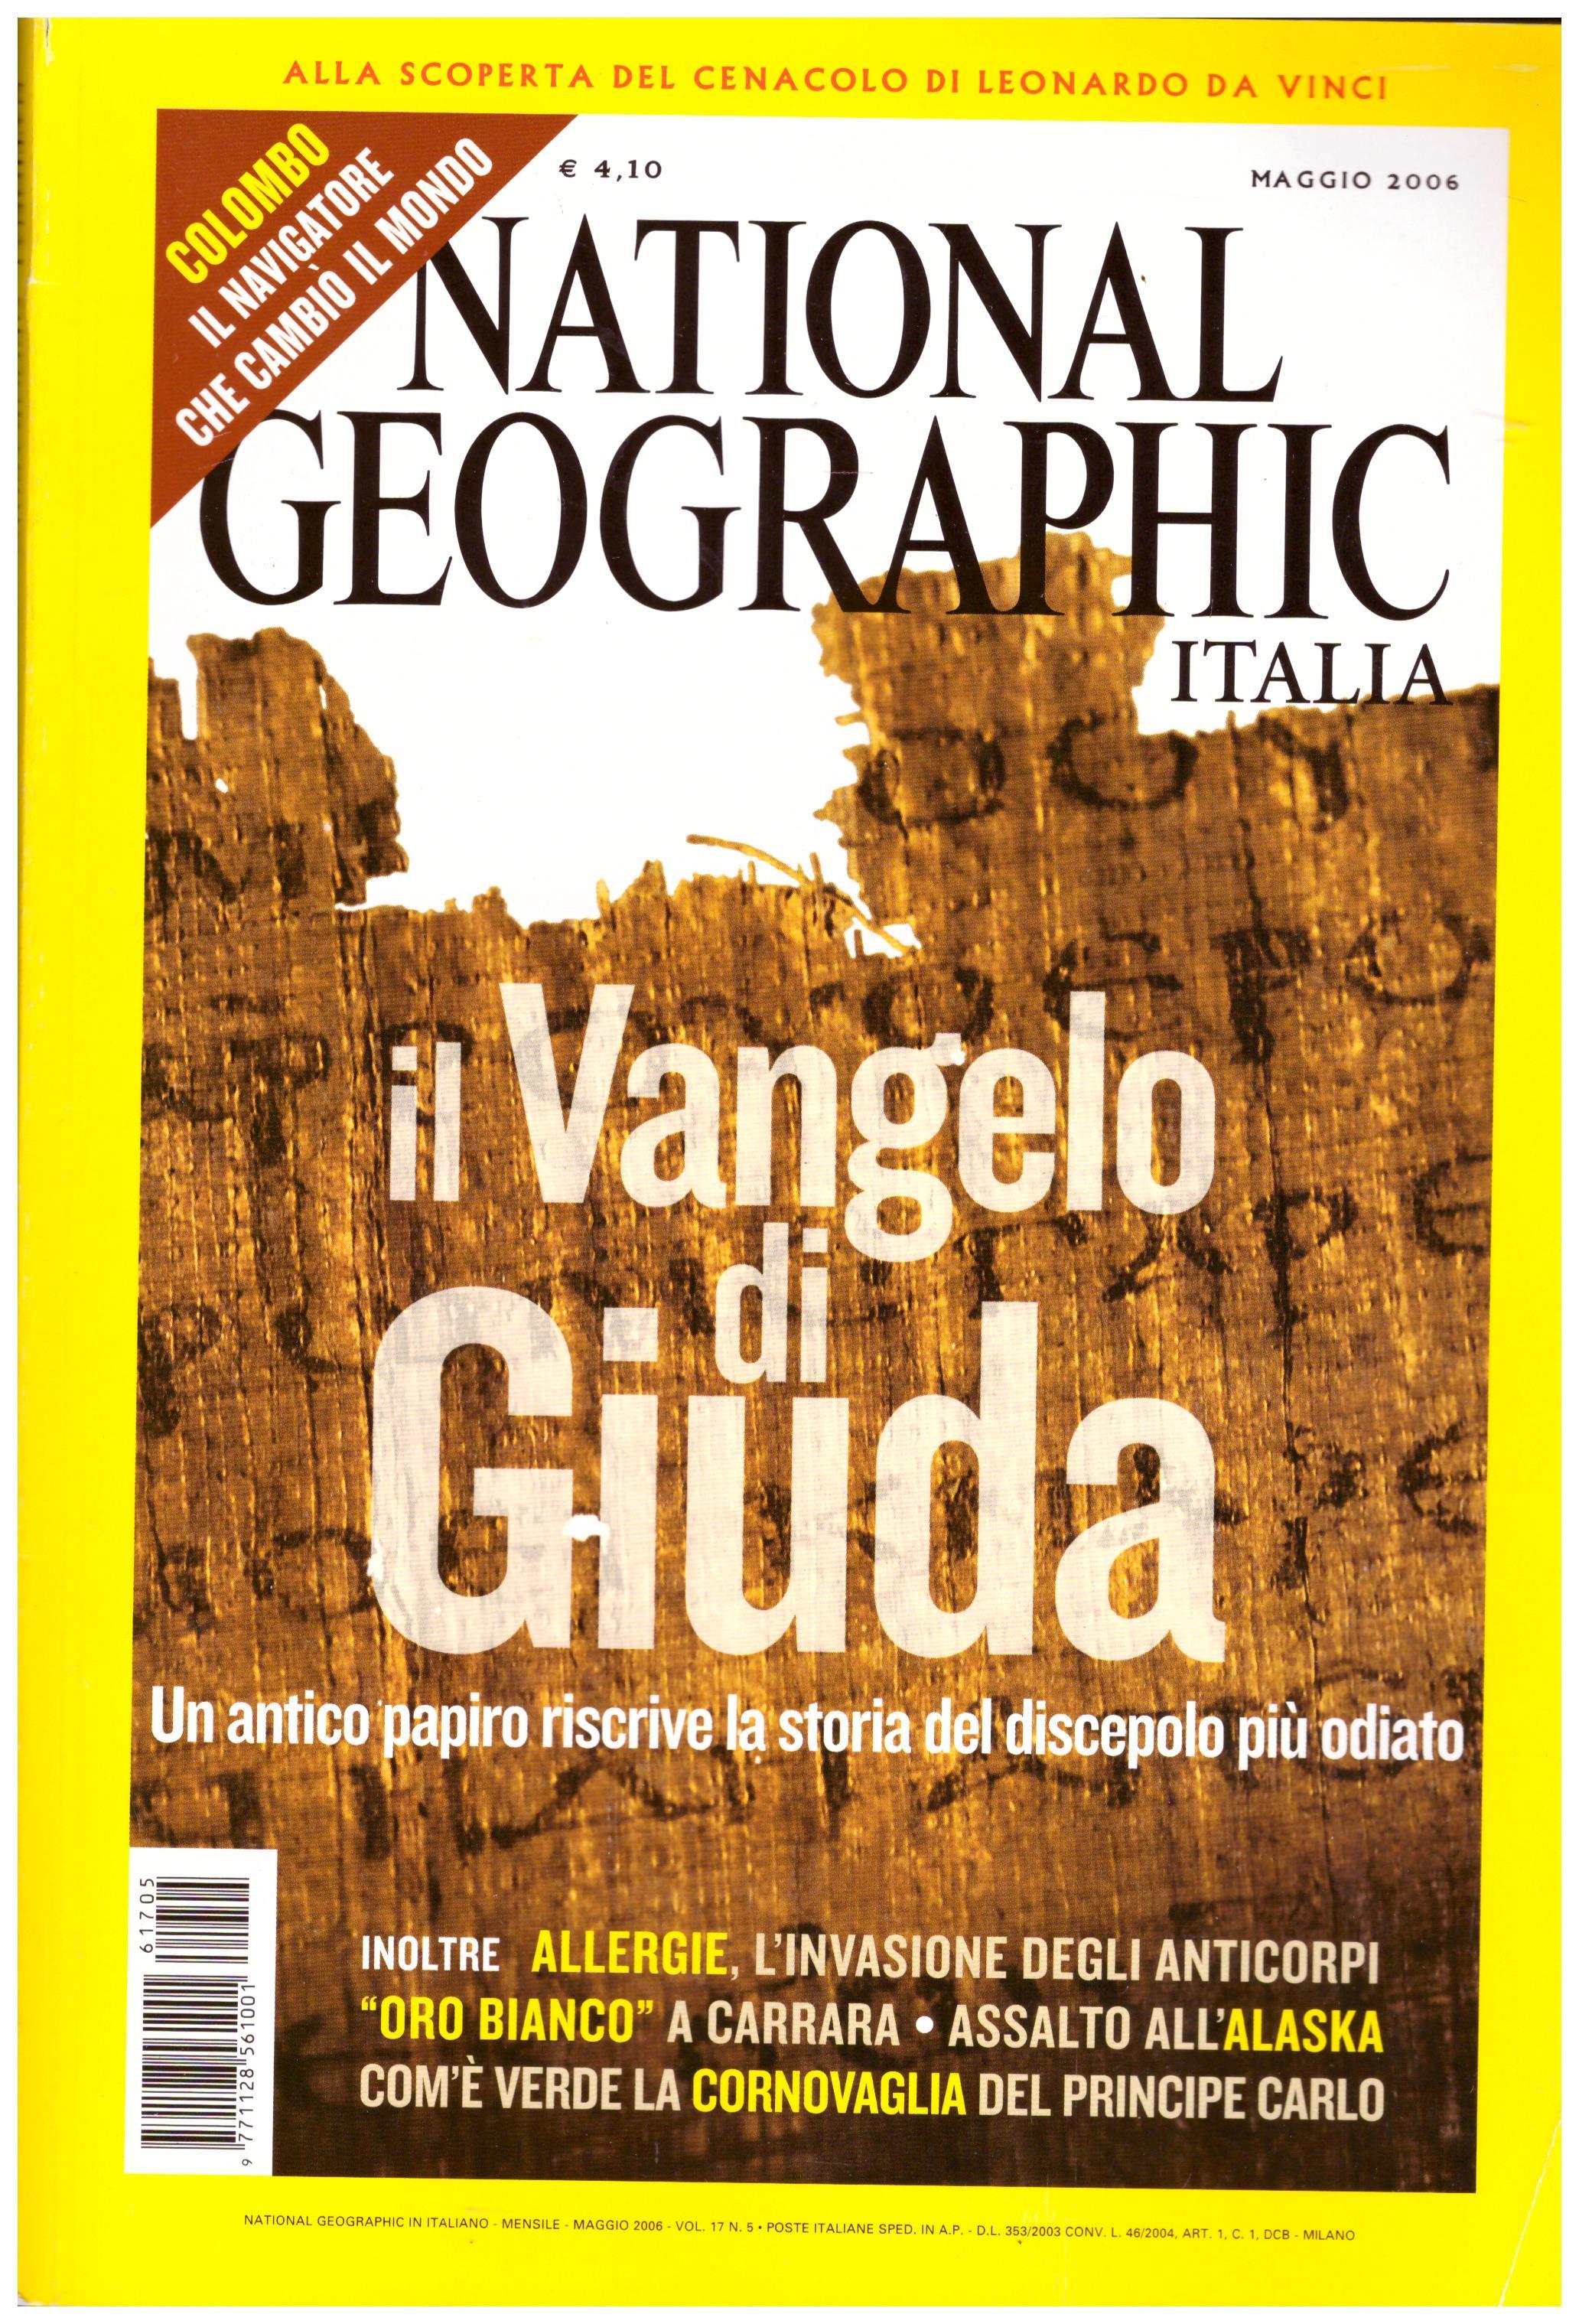 Titolo: National Geographic Italia  maggio 2006  Autore: AA.VV.  Editore: RBA italia